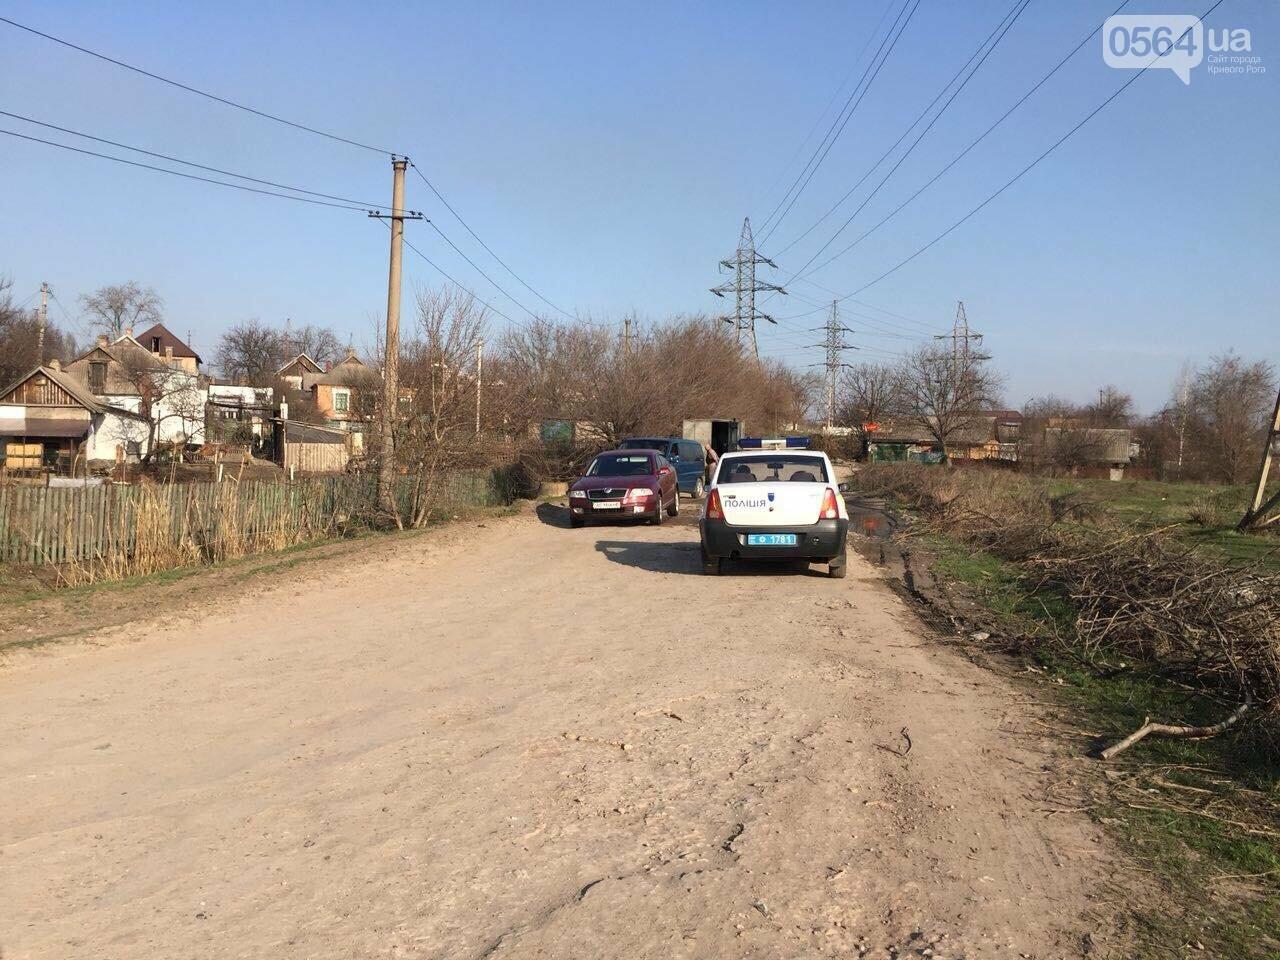 В Кривом Роге на болоте обнаружили труп мужчины (ФОТО 18+), фото-1